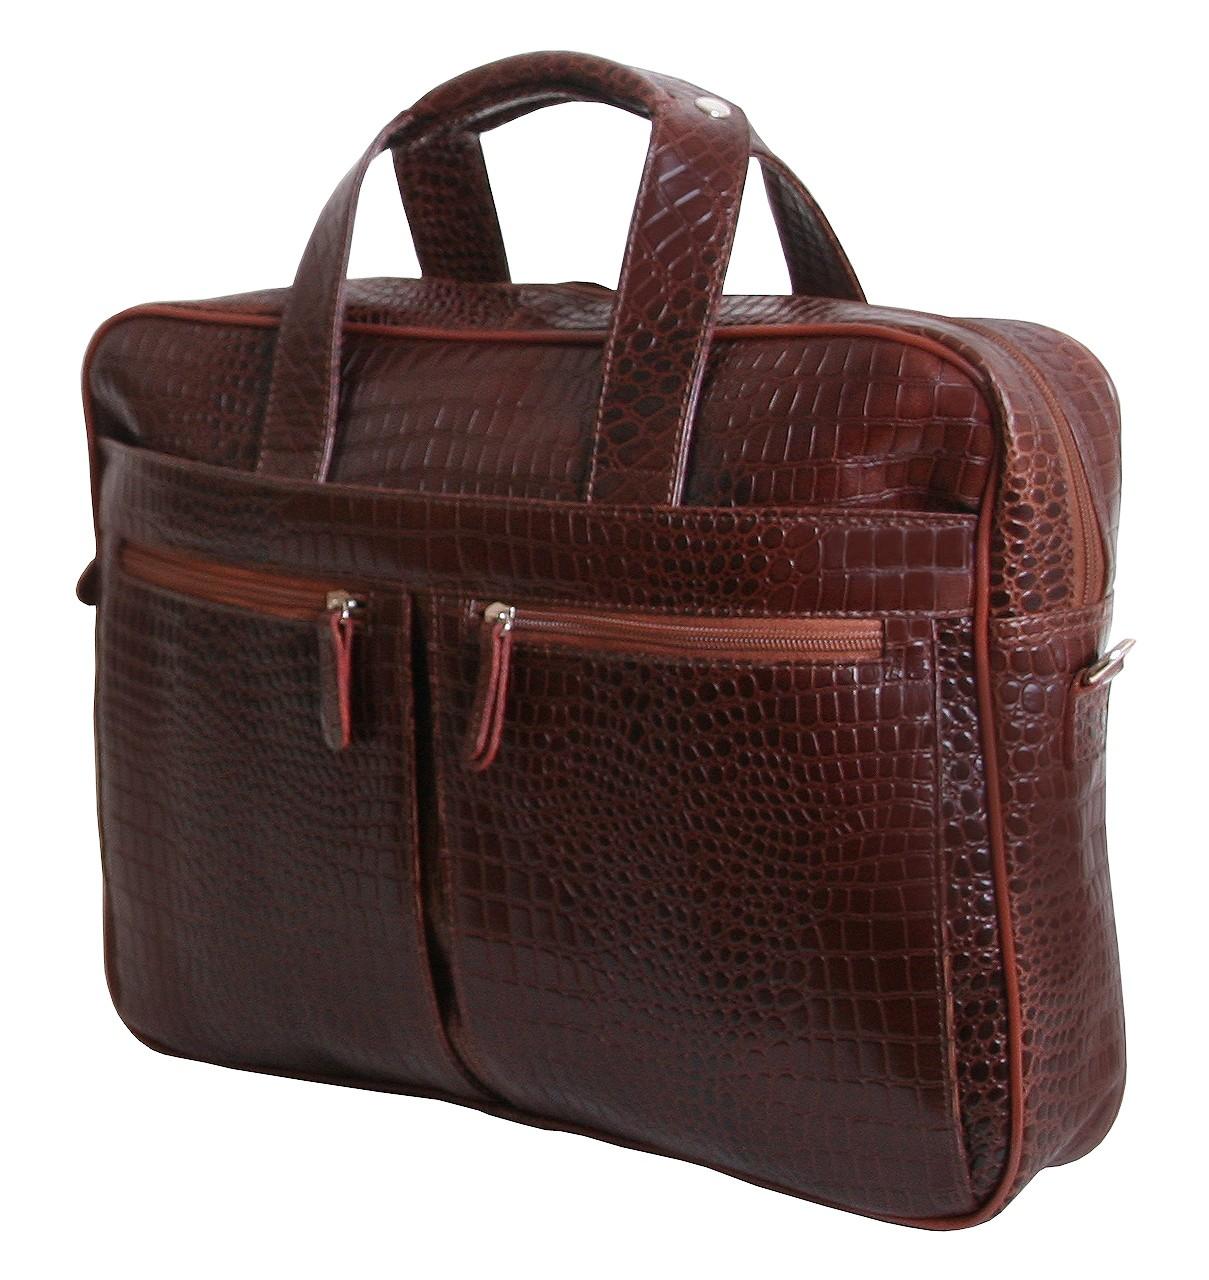 c855a2a0ff4e Элитный сумка из натуральной кожи под крокодила для ноутбука 15,6 дюймов VIP  COLLECTION (0-2083)